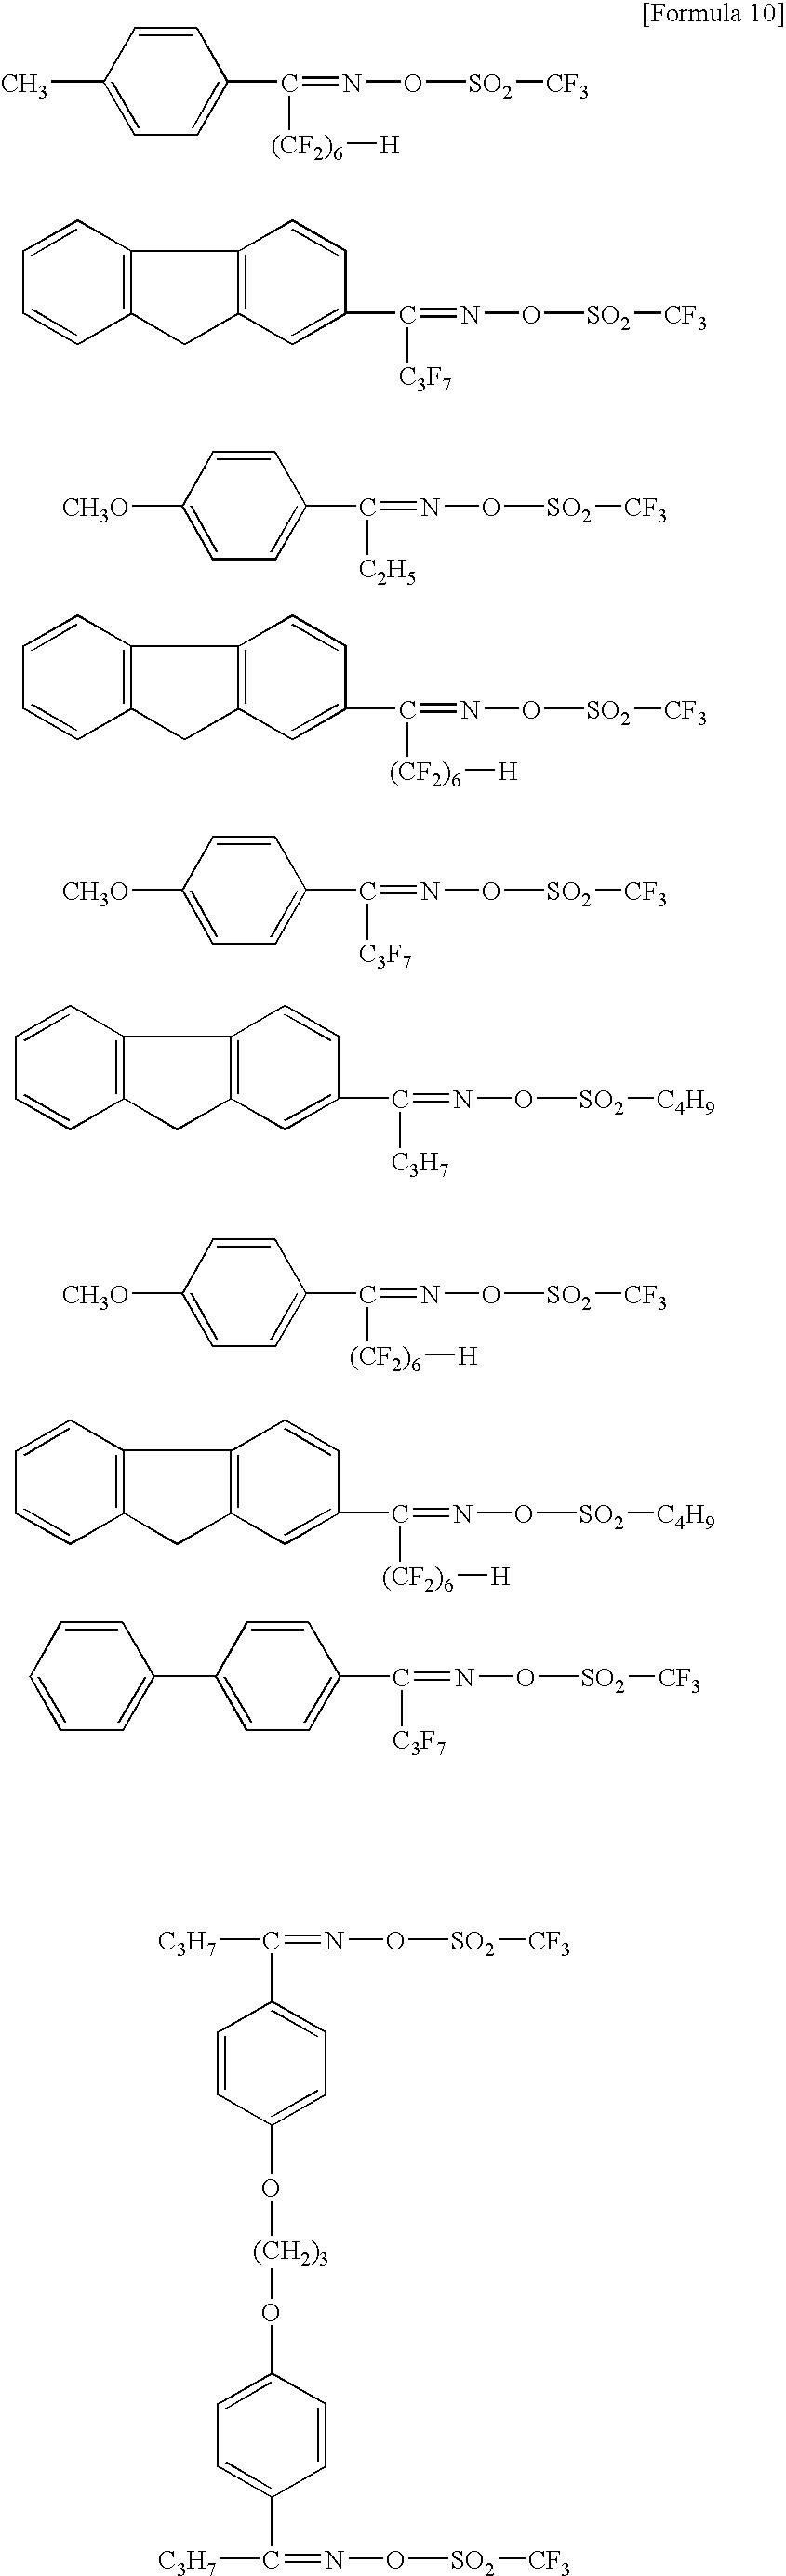 Figure US20090269693A1-20091029-C00011